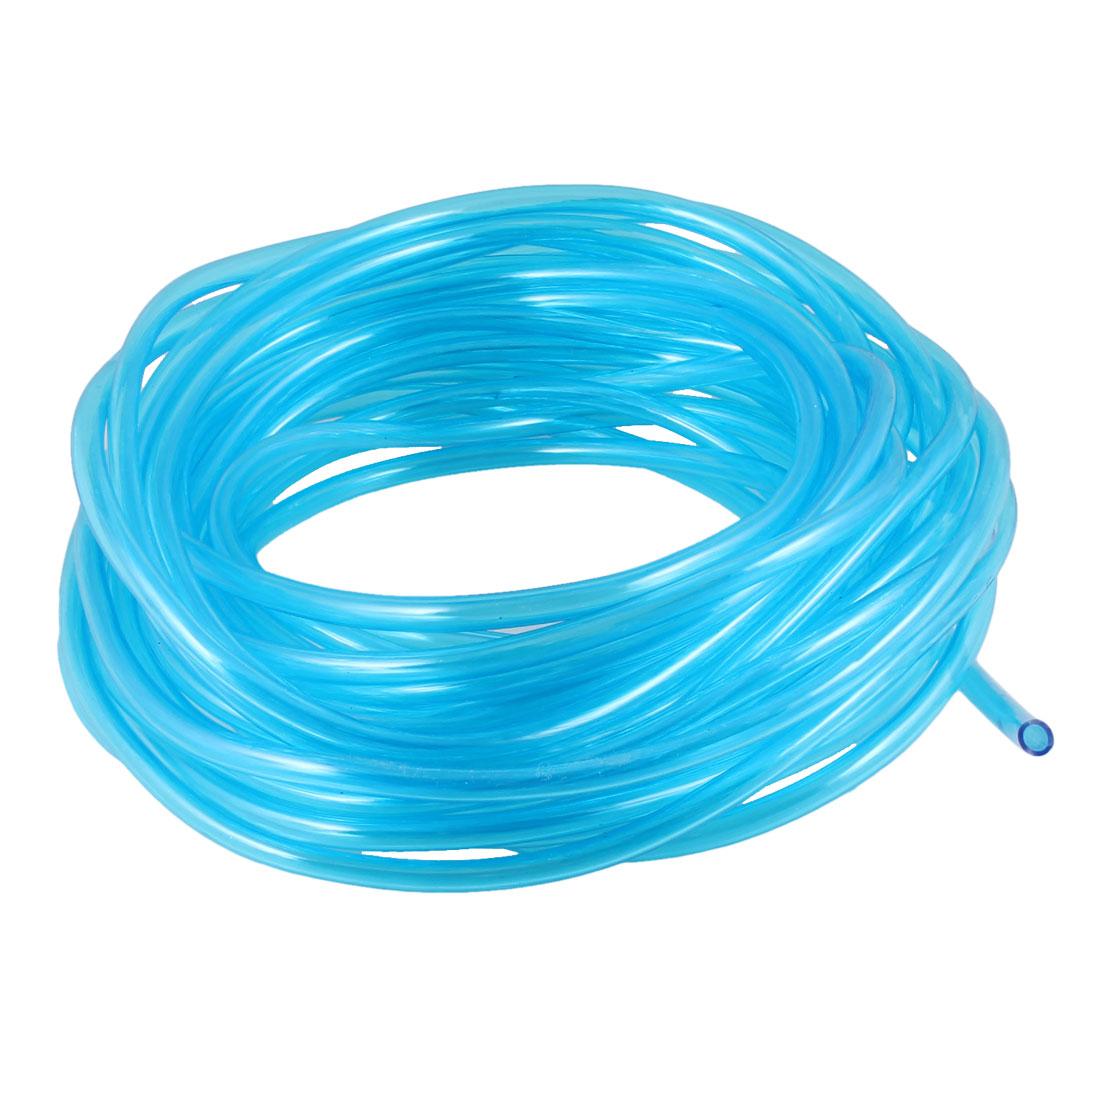 Aquarium Clear Blue Soft Polyurethane PU Oxygen Pipe 10M Long